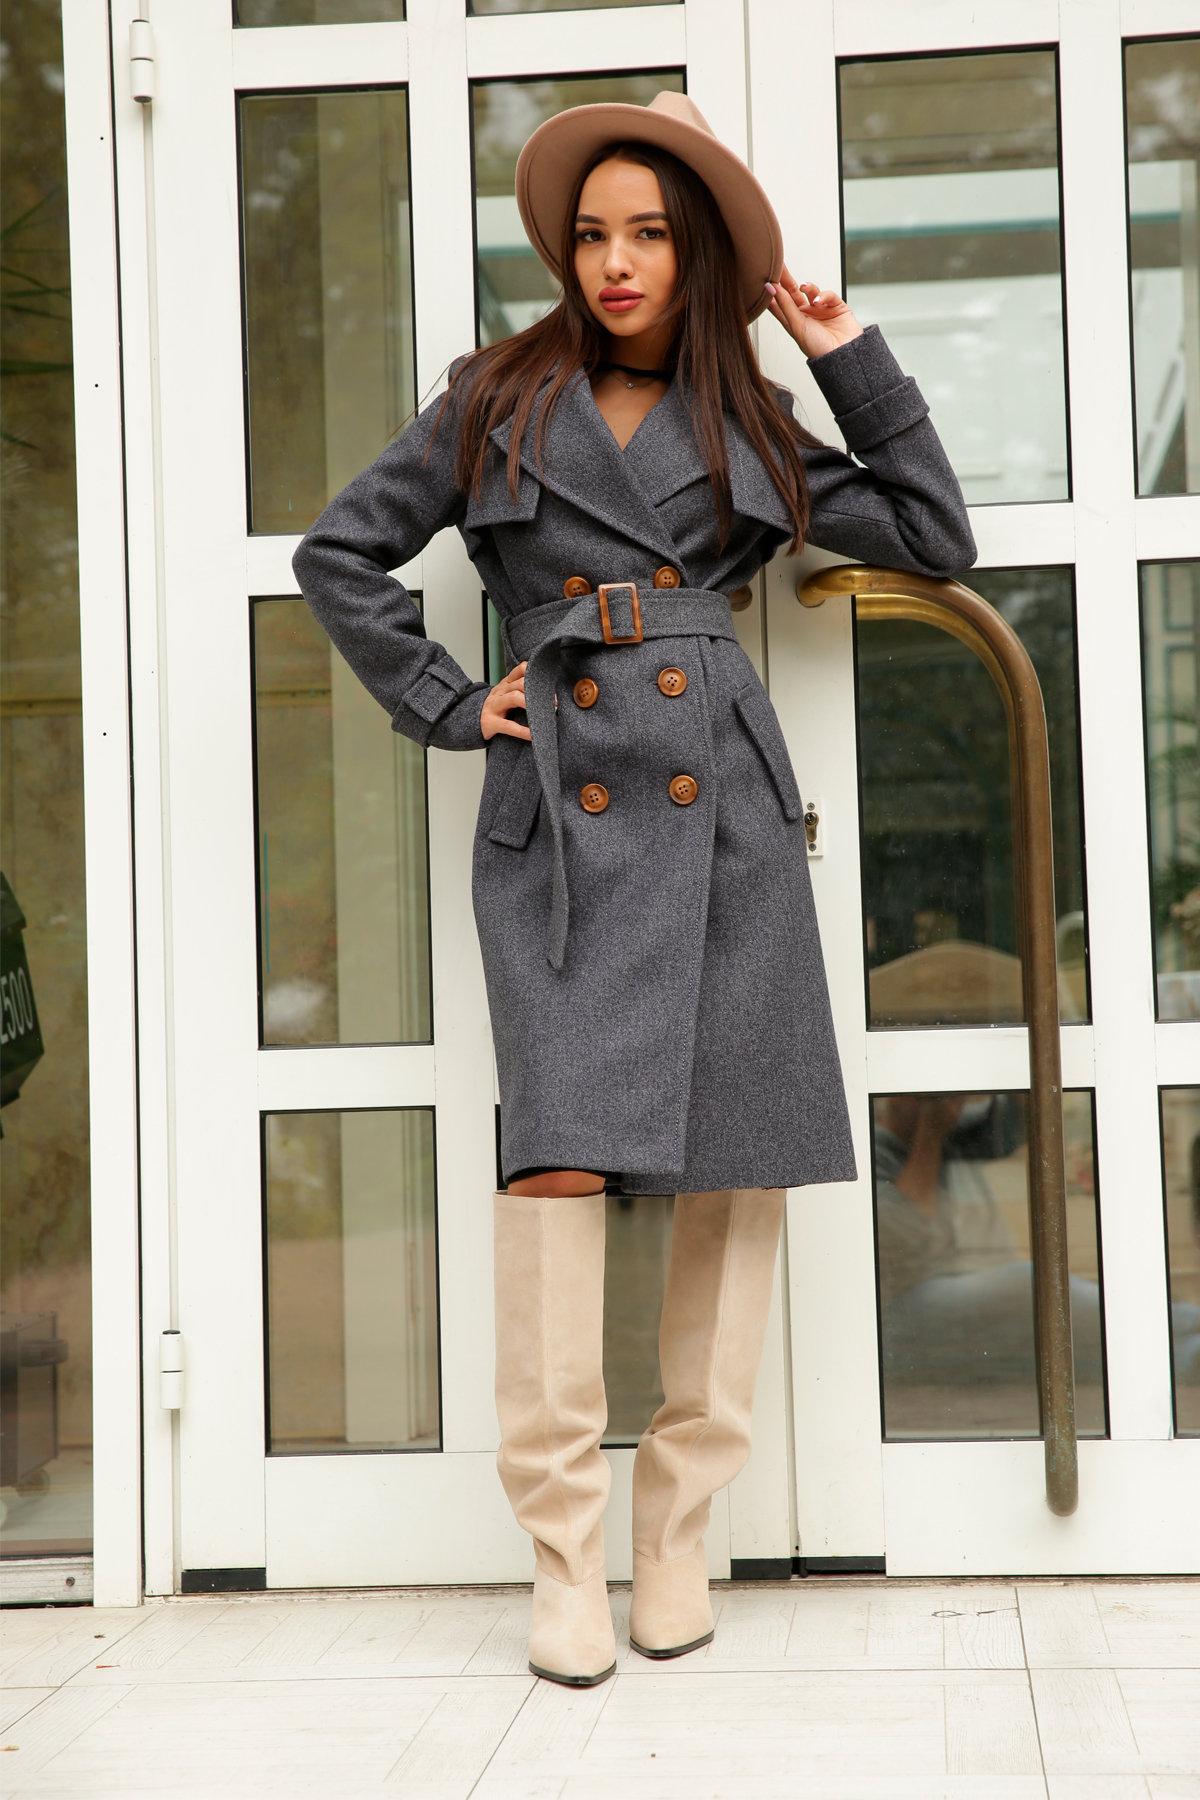 Двубортное пальто демисезон Монте 8089 АРТ. 44032 Цвет: т. синий 543 - фото 9, интернет магазин tm-modus.ru